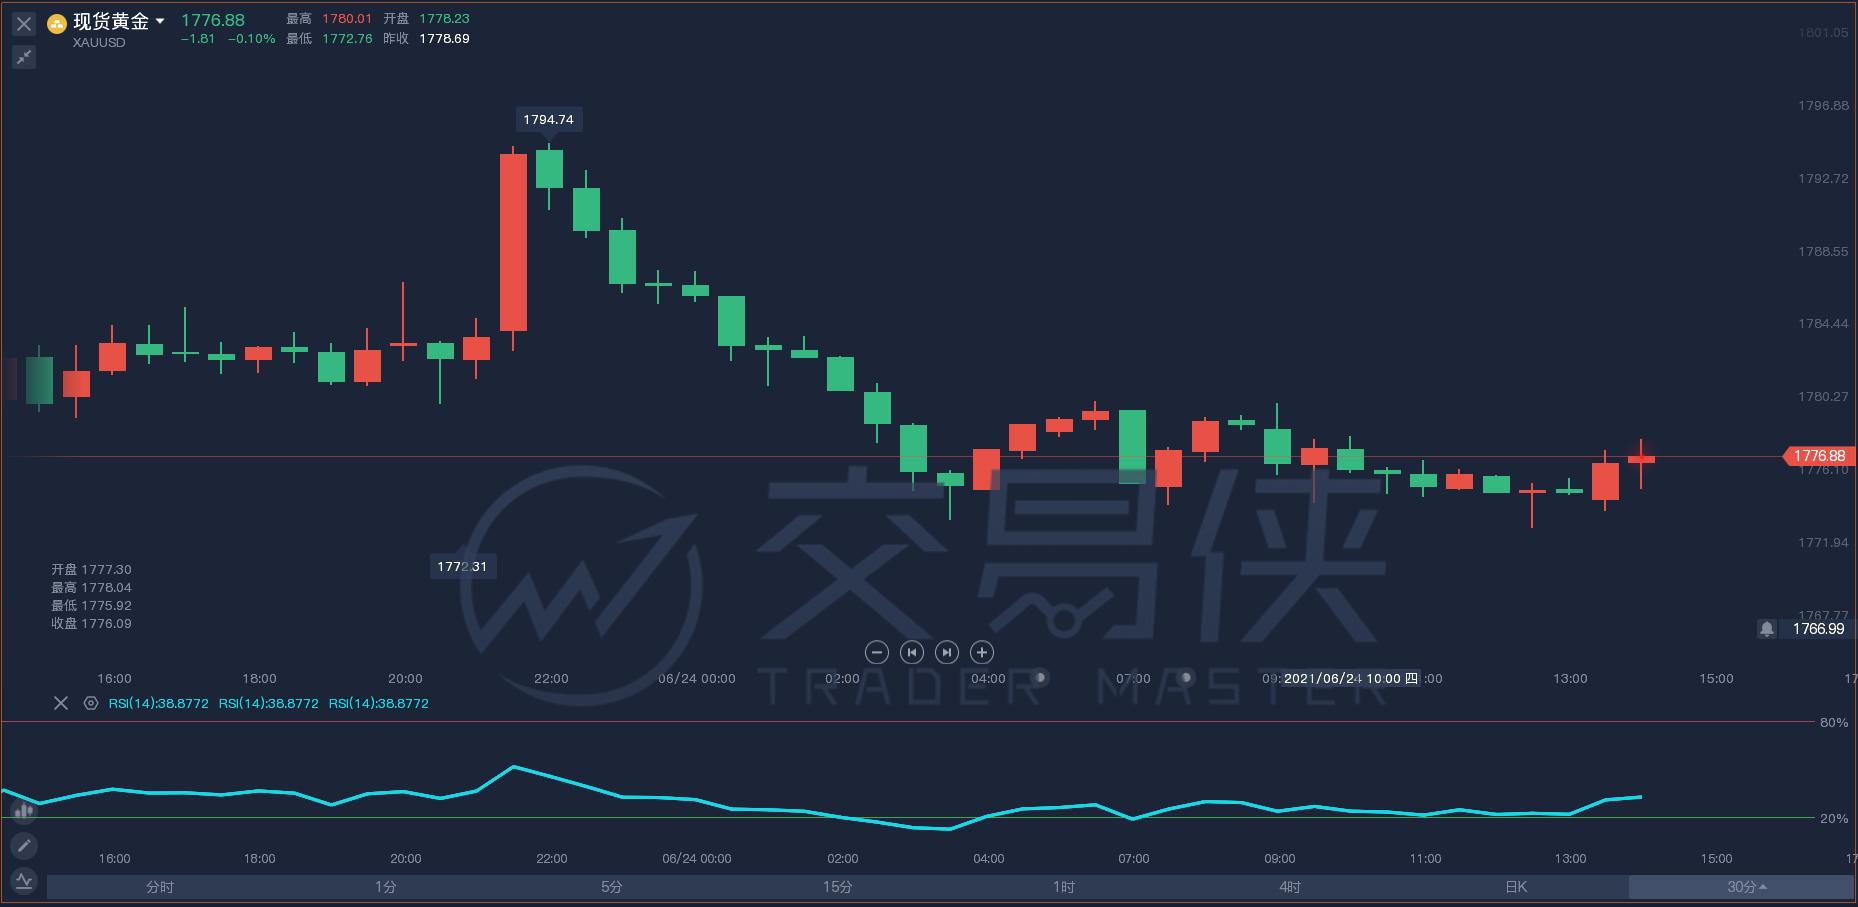 技术刘:现货黄金跌落1780关口,镑美亟待方向选择